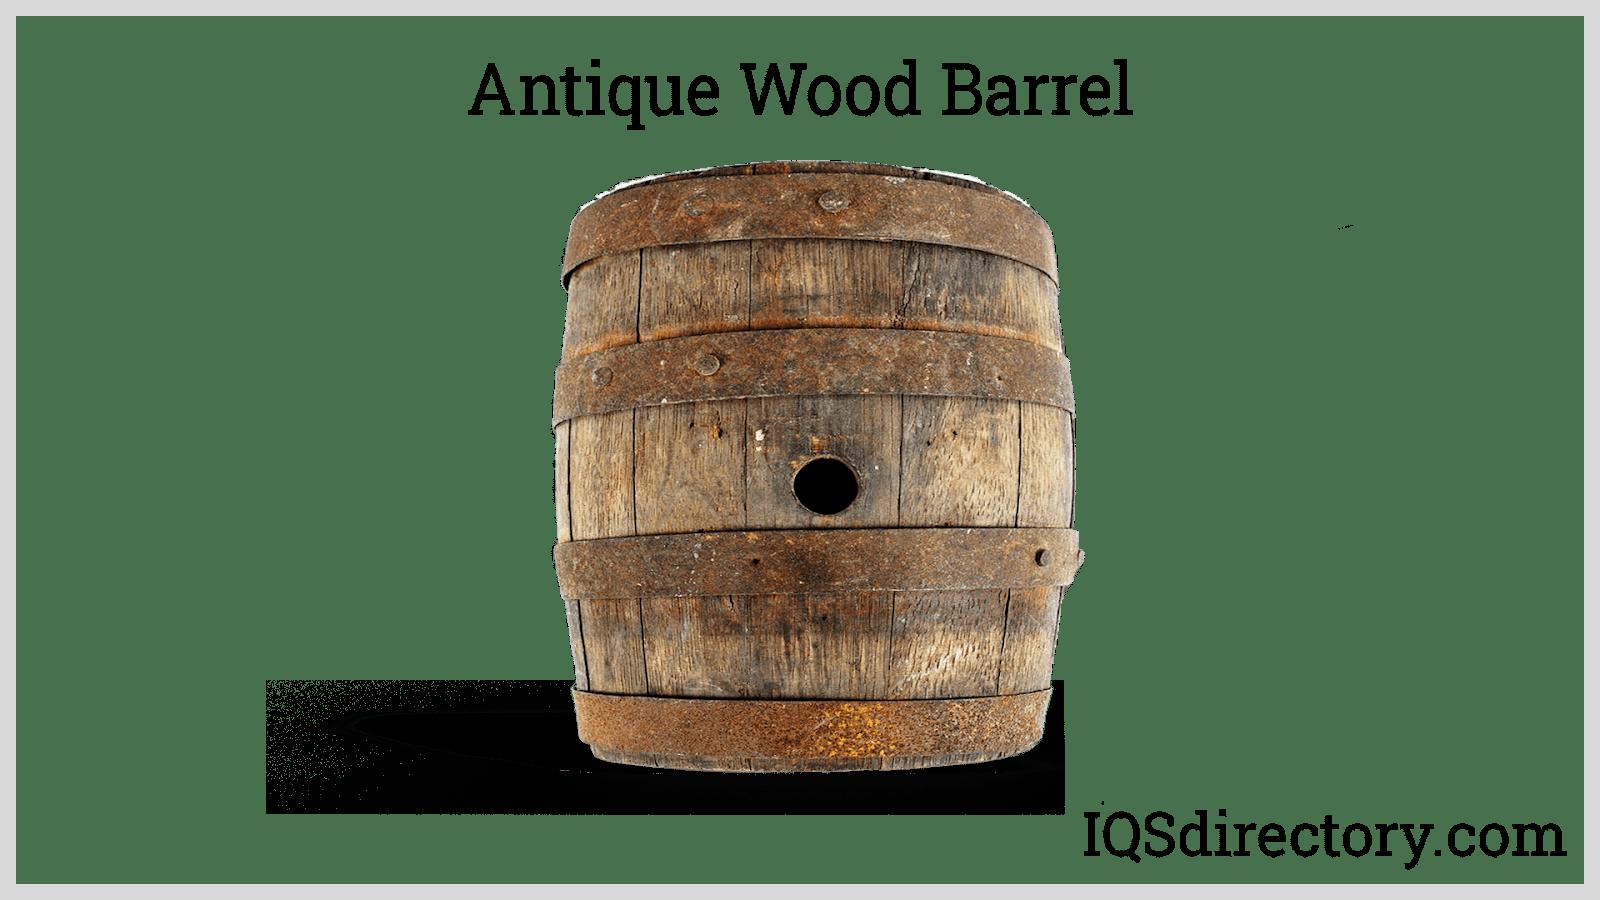 Antique Wood Barrel